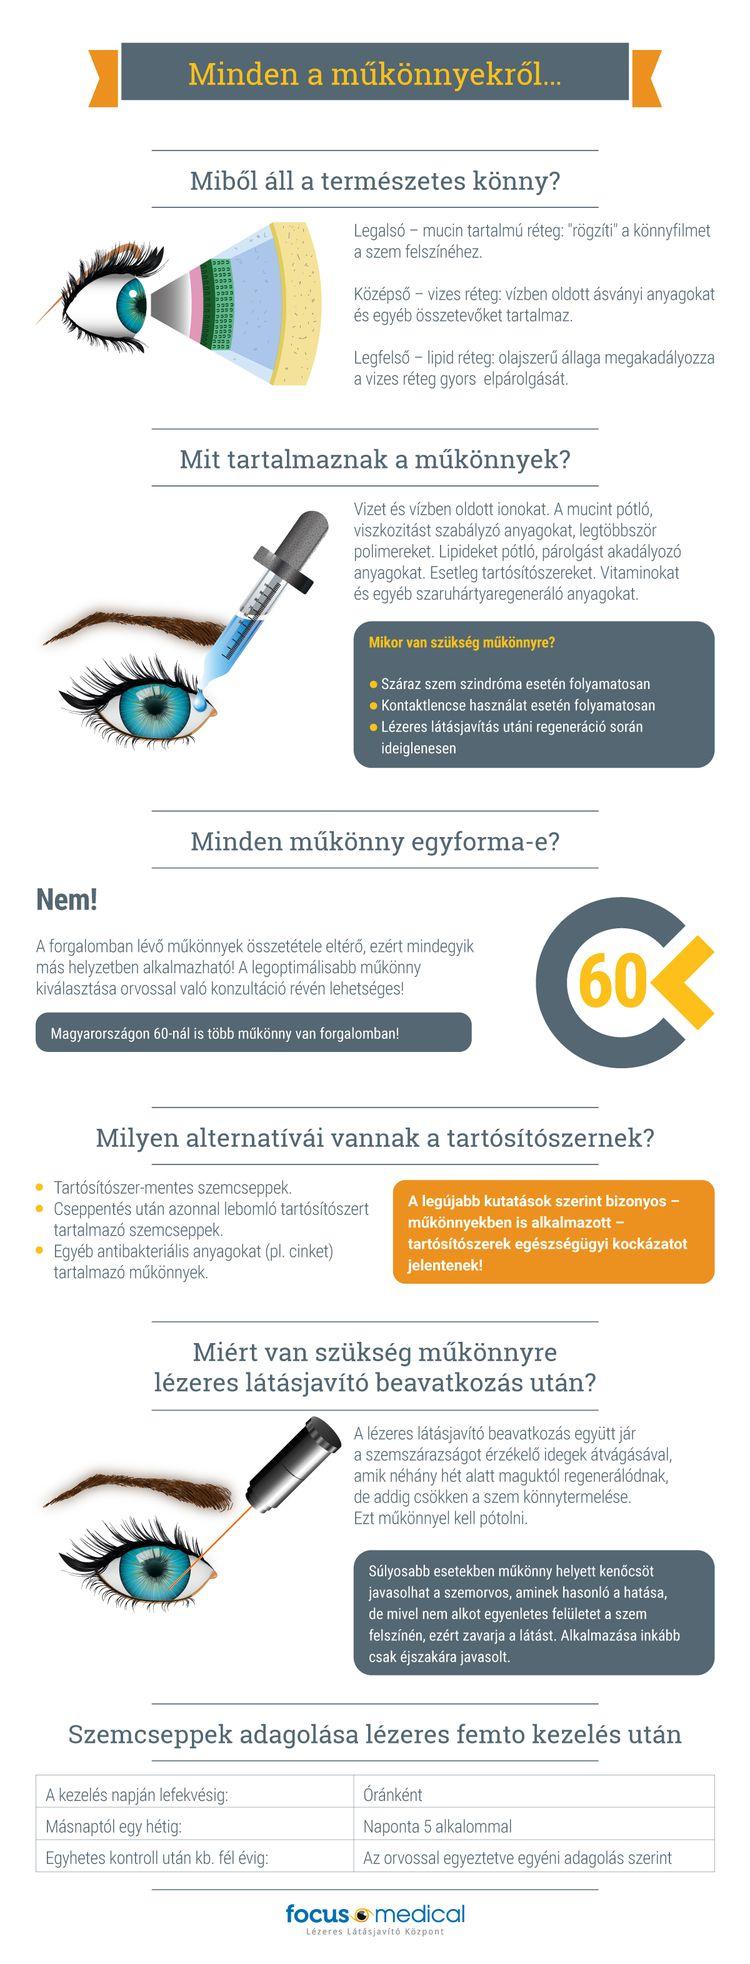 mi a szükség lézeres látáskorrekcióra 8-as helyzetben